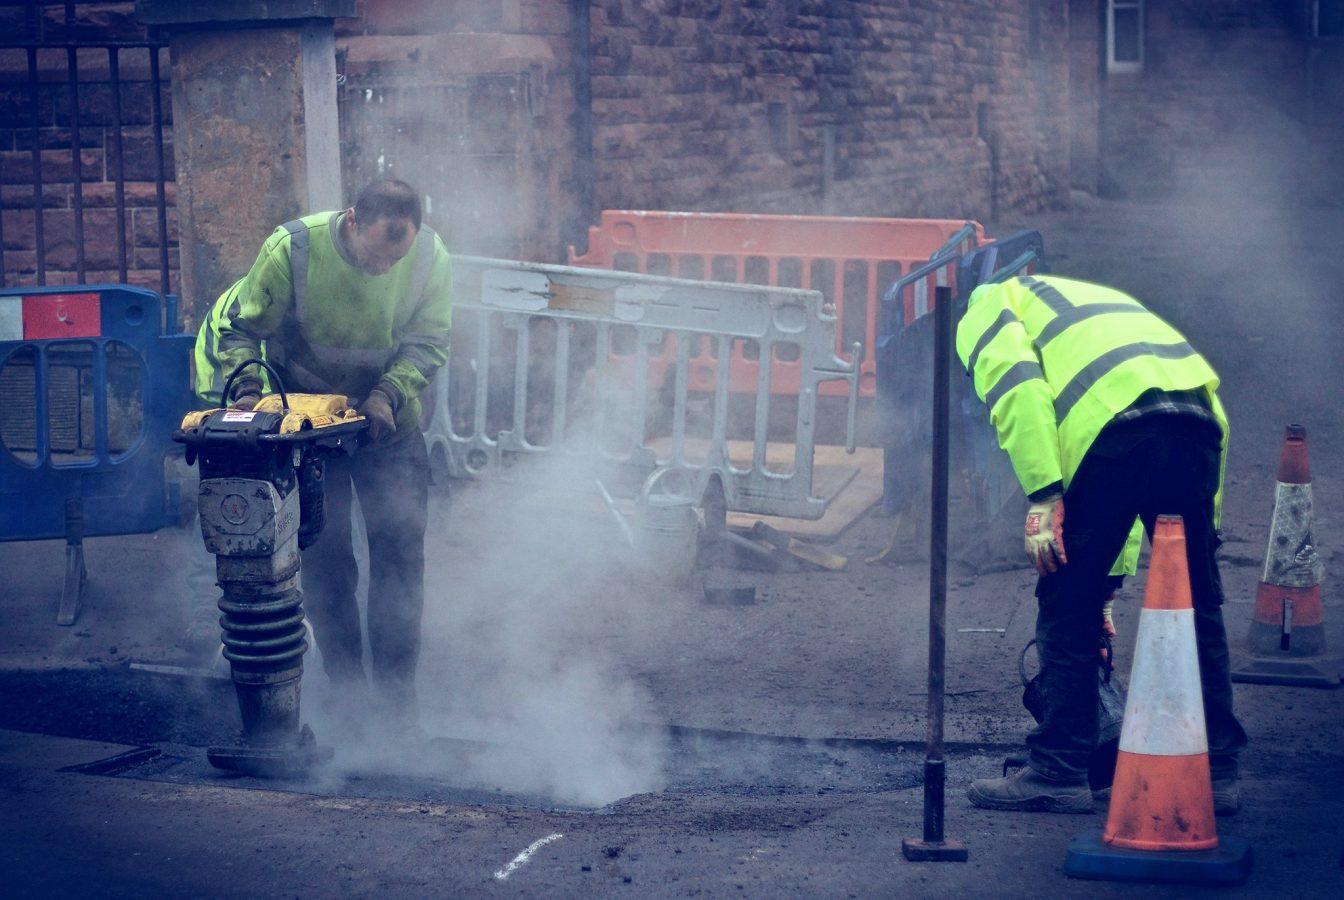 Workmen repairing the road